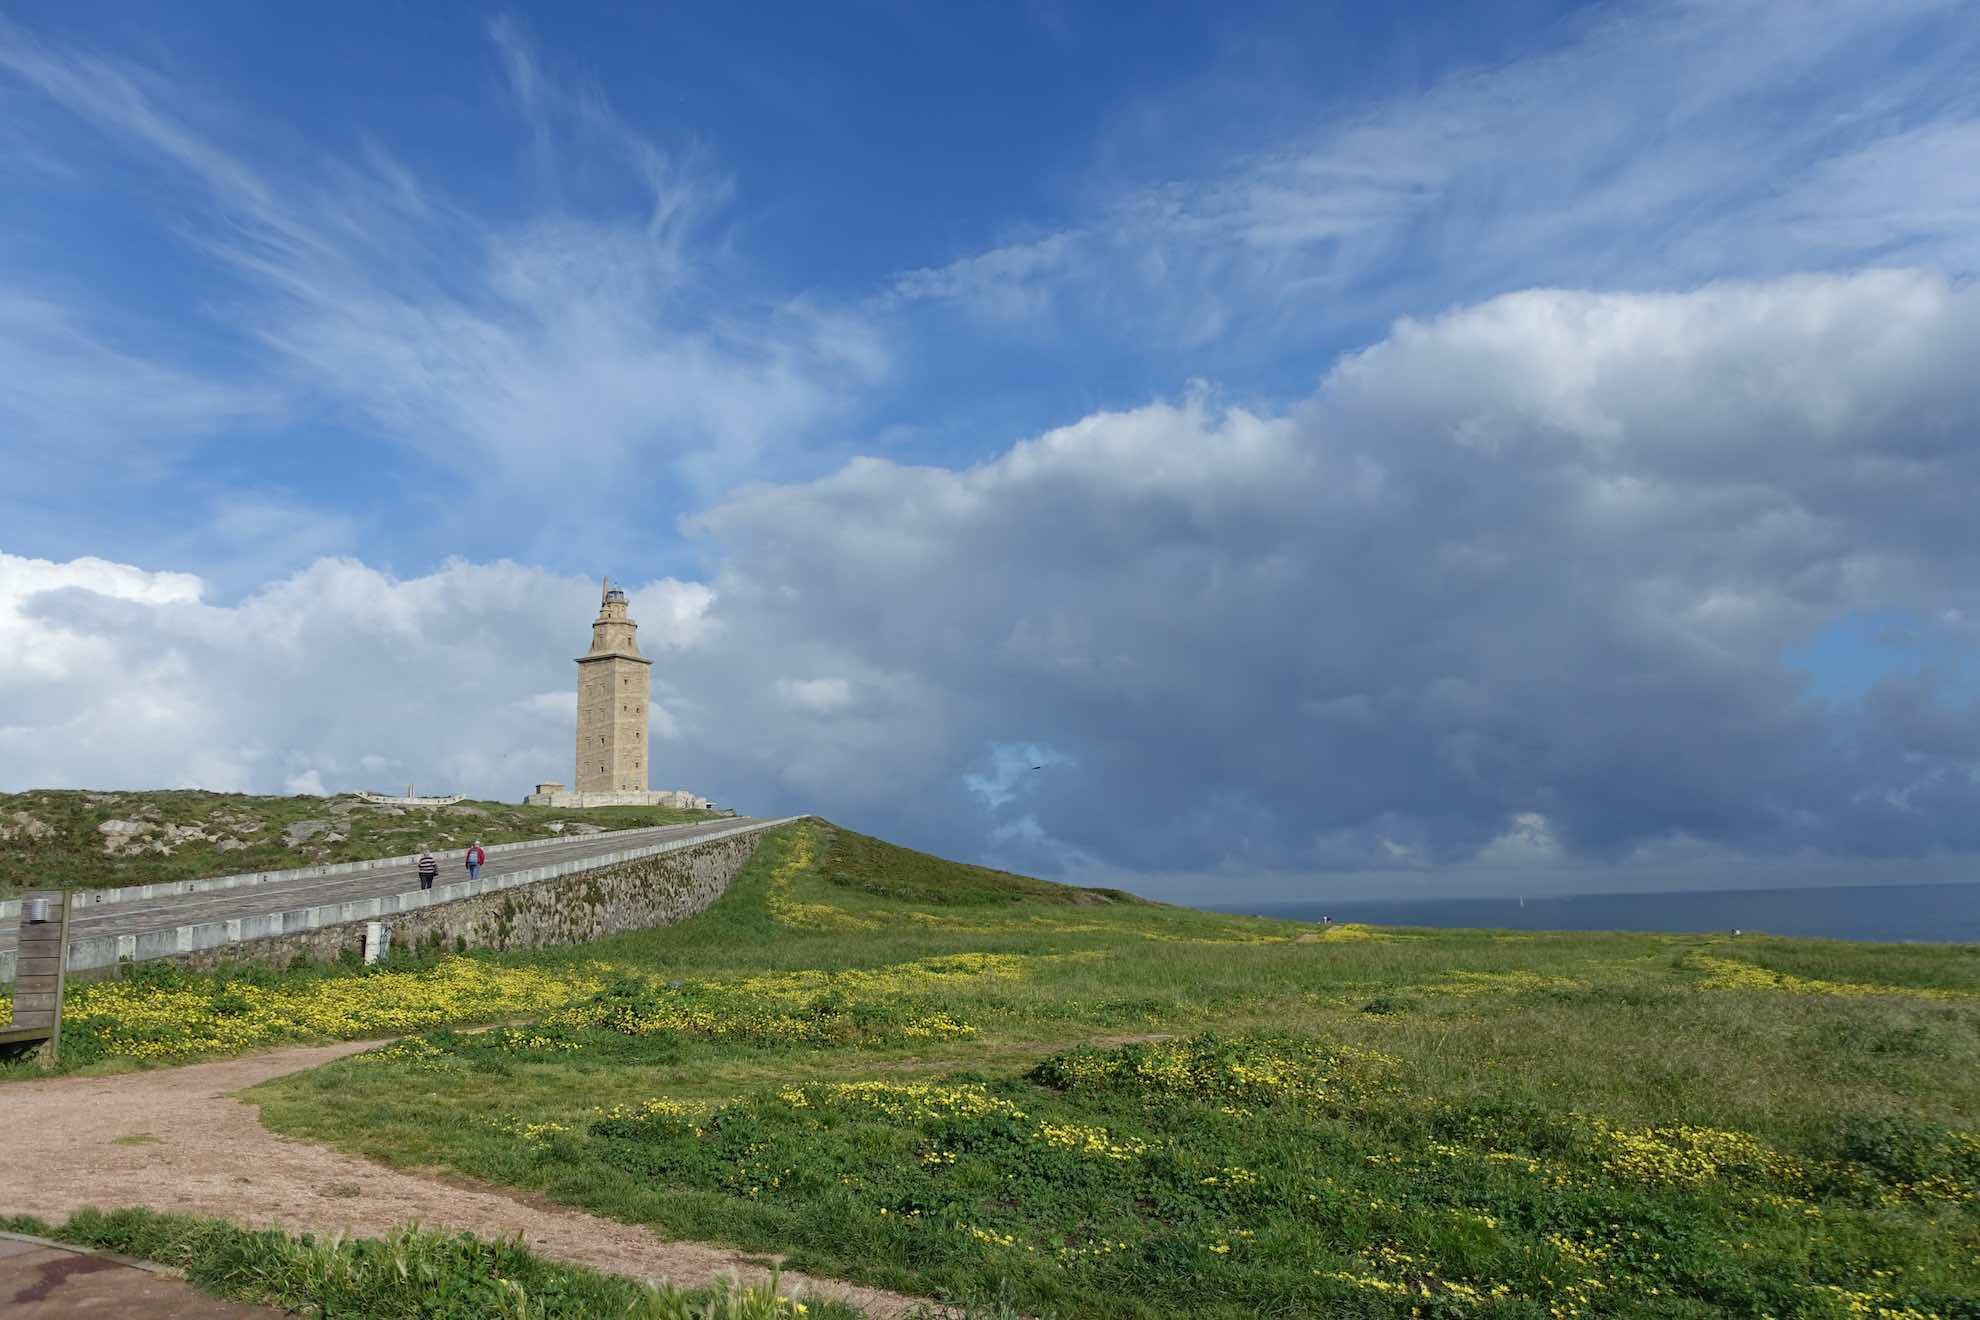 Der älteste aktive Leuchtturm der Welt ist 59 Meter hoch und wurde von den Römern im 1. Jahrhundert gebaut.